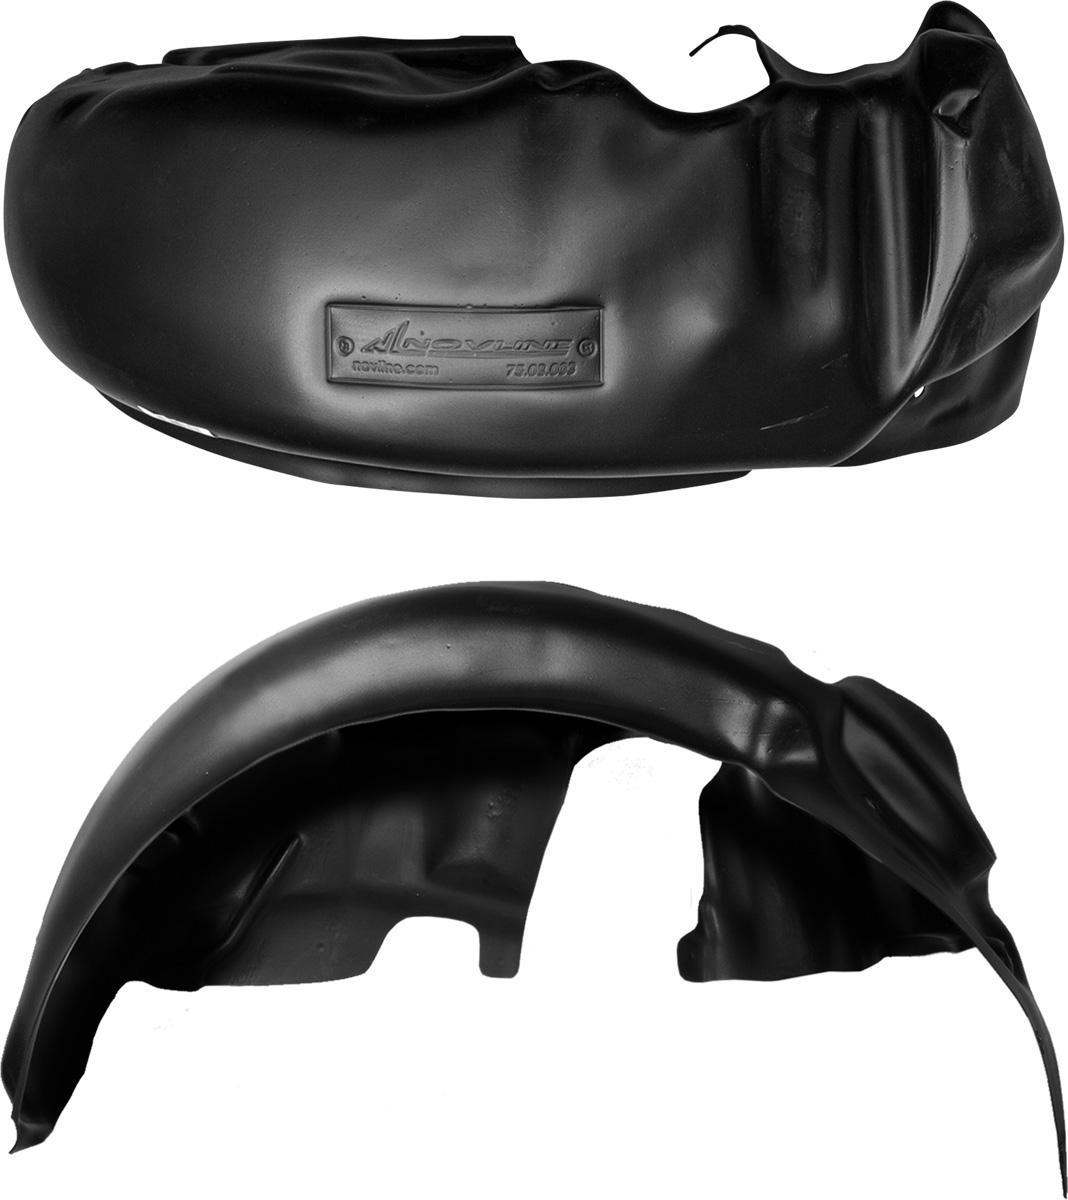 Подкрылок LADA Granta, 2011->, задний правыйAdvoCam-FD-ONEКолесные ниши – одни из самых уязвимых зон днища вашего автомобиля. Они постоянно подвергаются воздействию со стороны дороги. Лучшая, почти абсолютная защита для них - специально отформованные пластиковые кожухи, которые называются подкрылками, или локерами. Производятся они как для отечественных моделей автомобилей, так и для иномарок. Подкрылки выполнены из высококачественного, экологически чистого пластика. Обеспечивают надежную защиту кузова автомобиля от пескоструйного эффекта и негативного влияния, агрессивных антигололедных реагентов. Пластик обладает более низкой теплопроводностью, чем металл, поэтому в зимний период эксплуатации использование пластиковых подкрылков позволяет лучше защитить колесные ниши от налипания снега и образования наледи. Оригинальность конструкции подчеркивает элегантность автомобиля, бережно защищает нанесенное на днище кузова антикоррозийное покрытие и позволяет осуществить крепление подкрылков внутри колесной арки практически без дополнительного крепежа и сверления, не нарушая при этом лакокрасочного покрытия, что предотвращает возникновение новых очагов коррозии. Технология крепления подкрылков на иномарки принципиально отличается от крепления на российские автомобили и разрабатывается индивидуально для каждой модели автомобиля. Подкрылки долговечны, обладают высокой прочностью и сохраняют заданную форму, а также все свои физико-механические характеристики в самых тяжелых климатических условиях ( от -50° С до + 50° С).